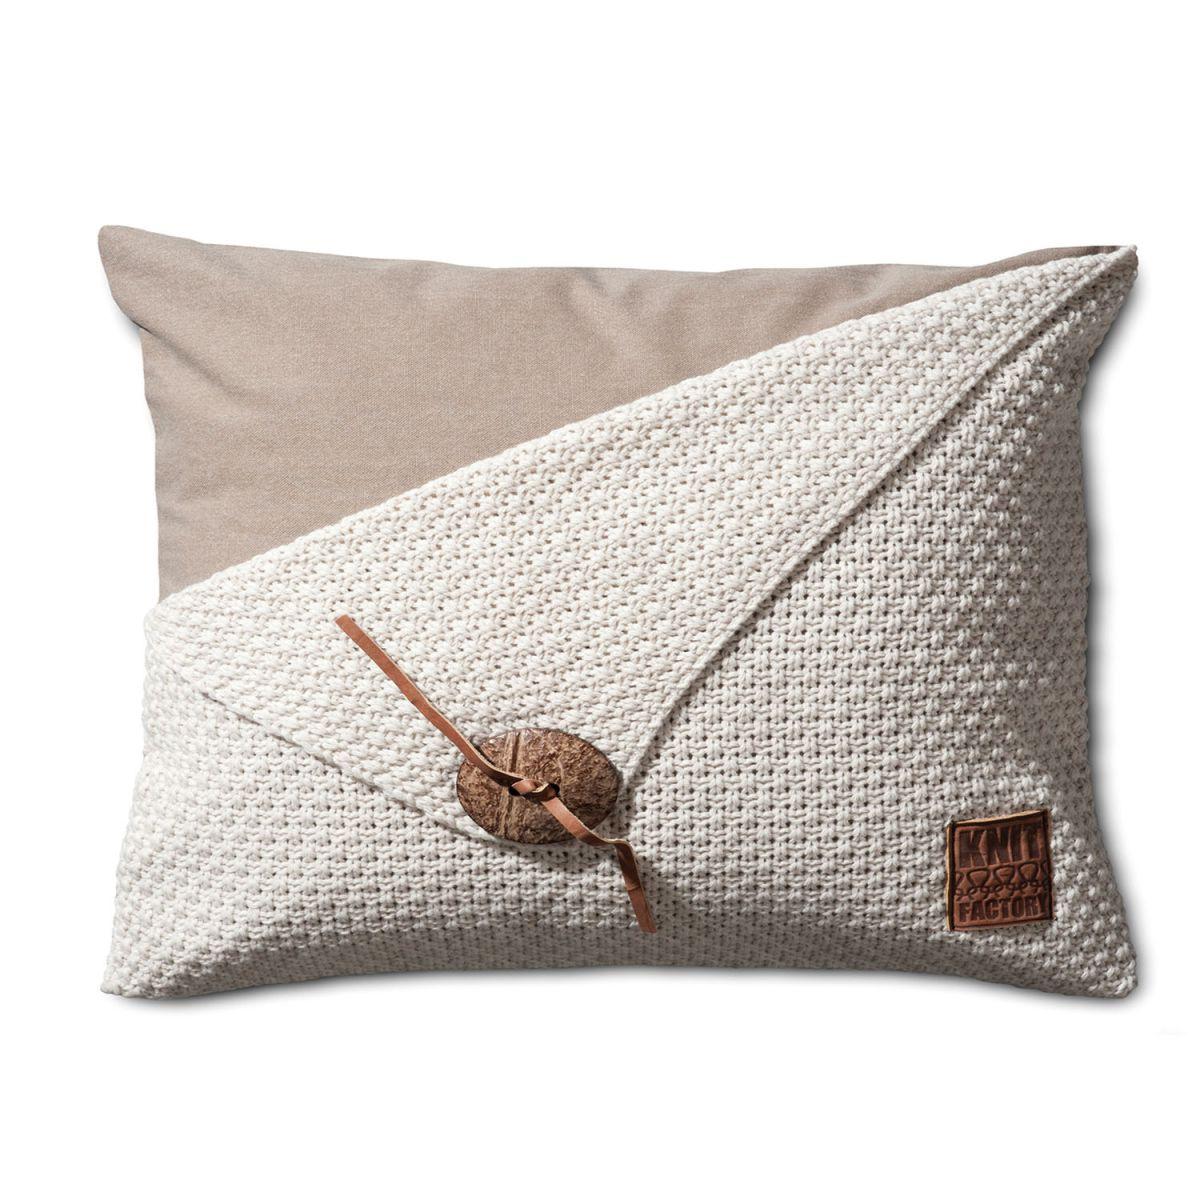 knit factory 1111312 kussen 60x40 barley beige